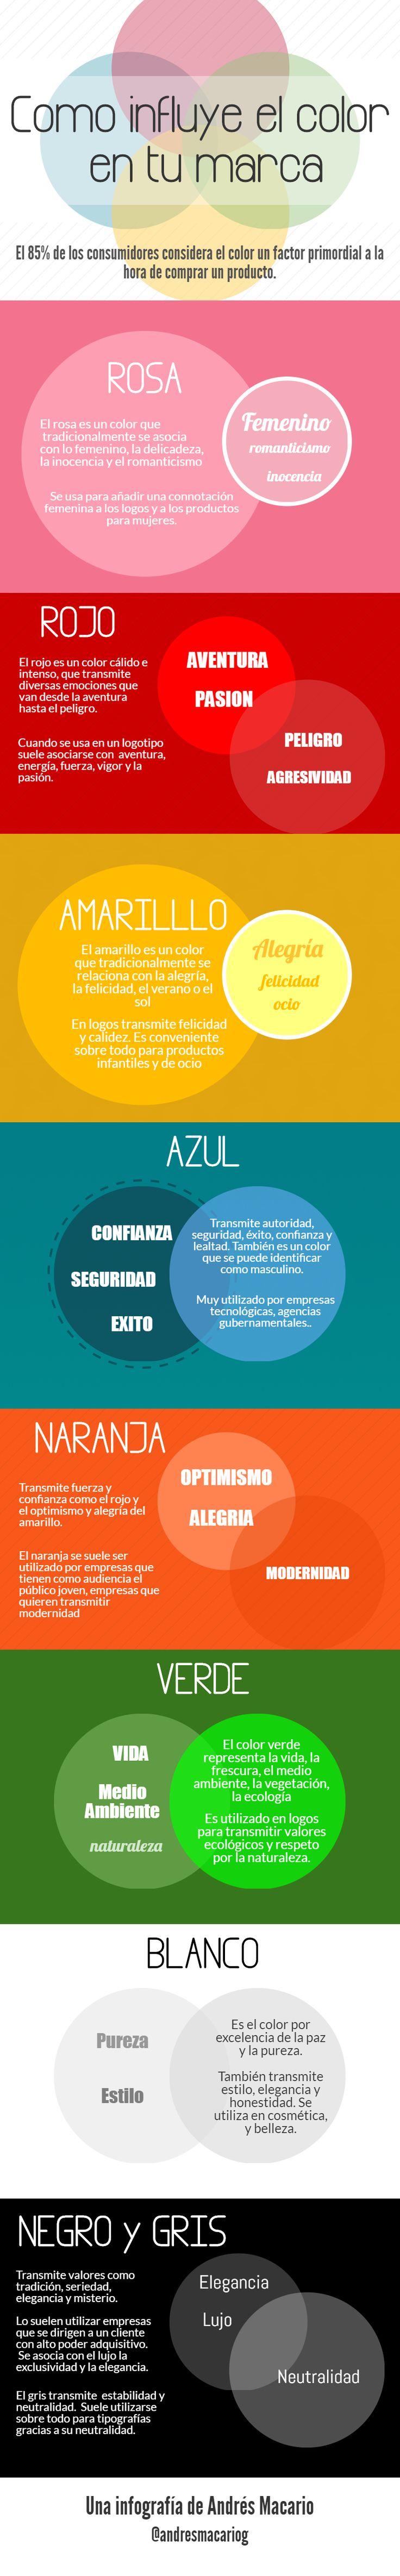 Cómo influye el color en tu marca - Infografia Andrés Macario